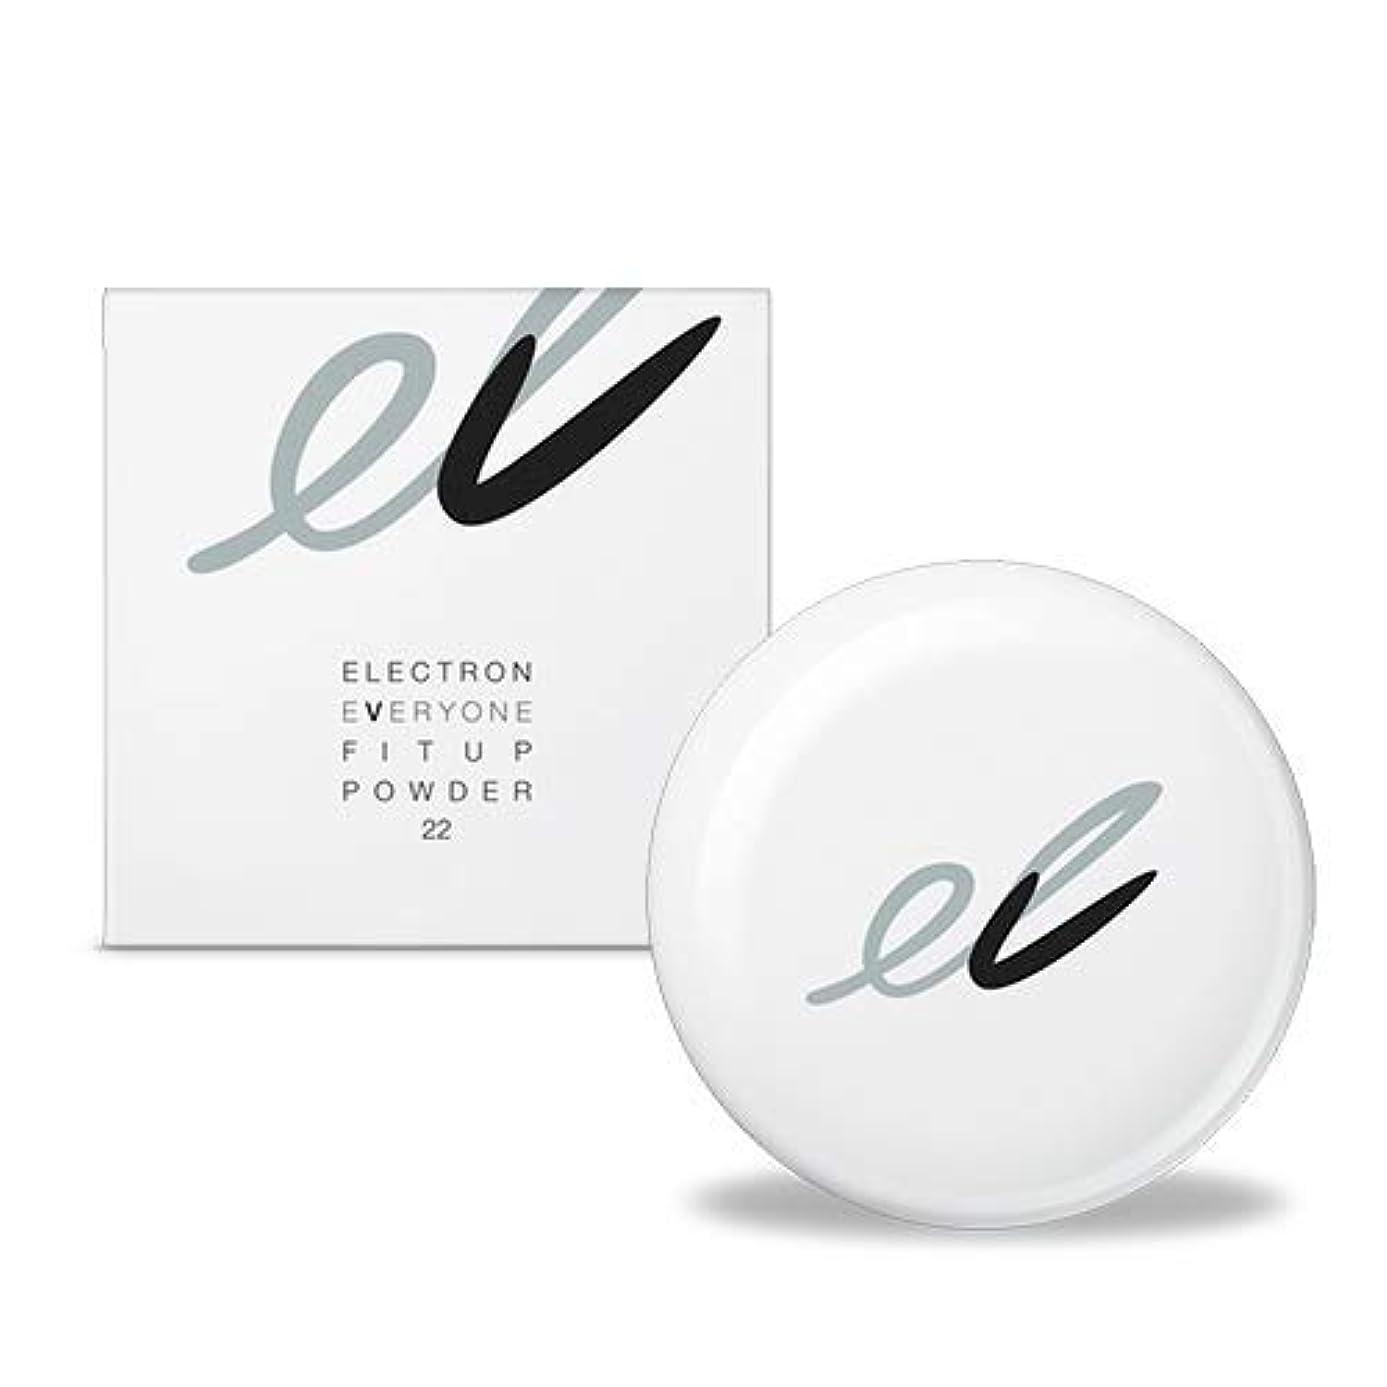 サイトラインペレット状況【公式】 ELECTRON EVERYONE エレクトロンエブリワン FIT UP POWDER (ファンデーション) 2043ナチュラル 14g